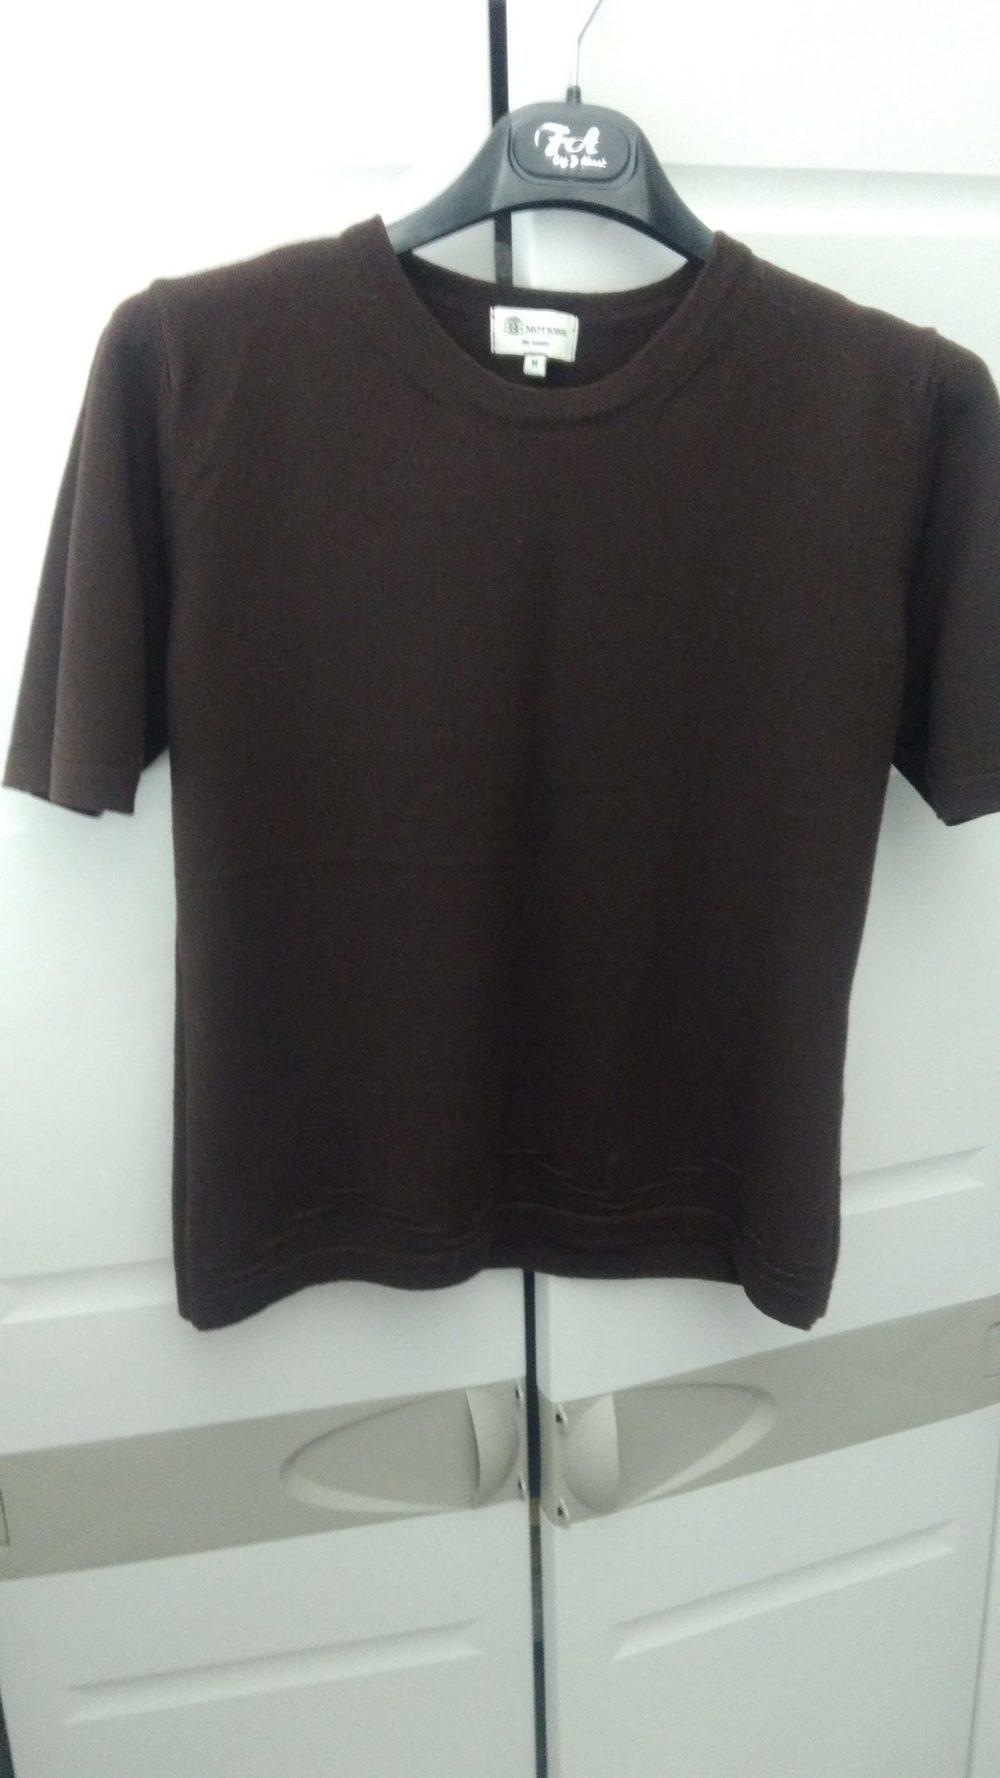 Camisola em malha manga curta  castanho escuro 3